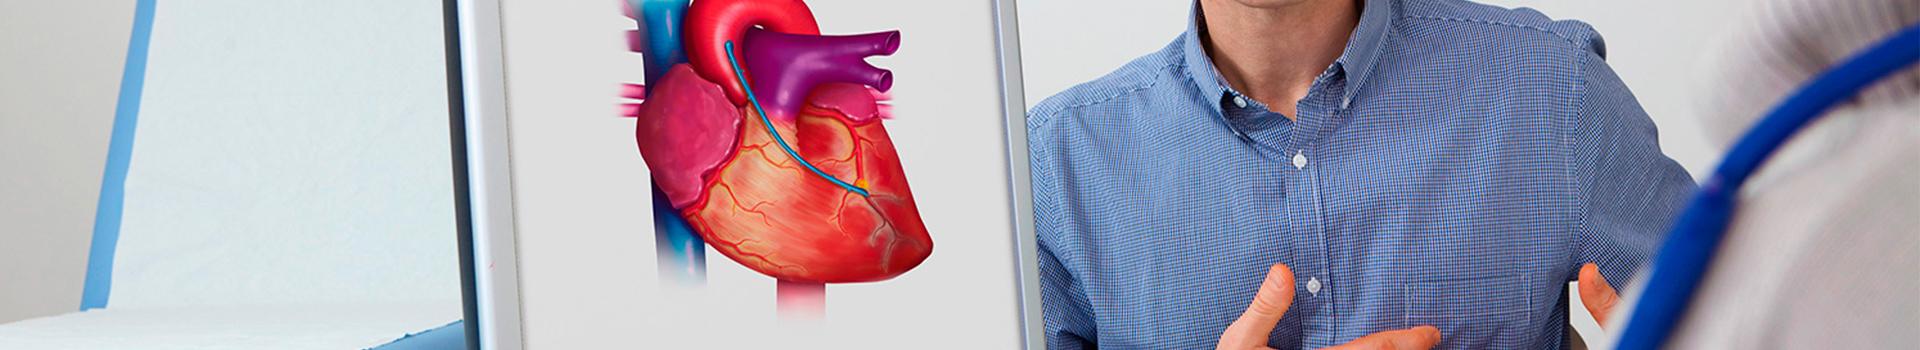 Serviço de Especialização em Cirurgia Cardiovascular